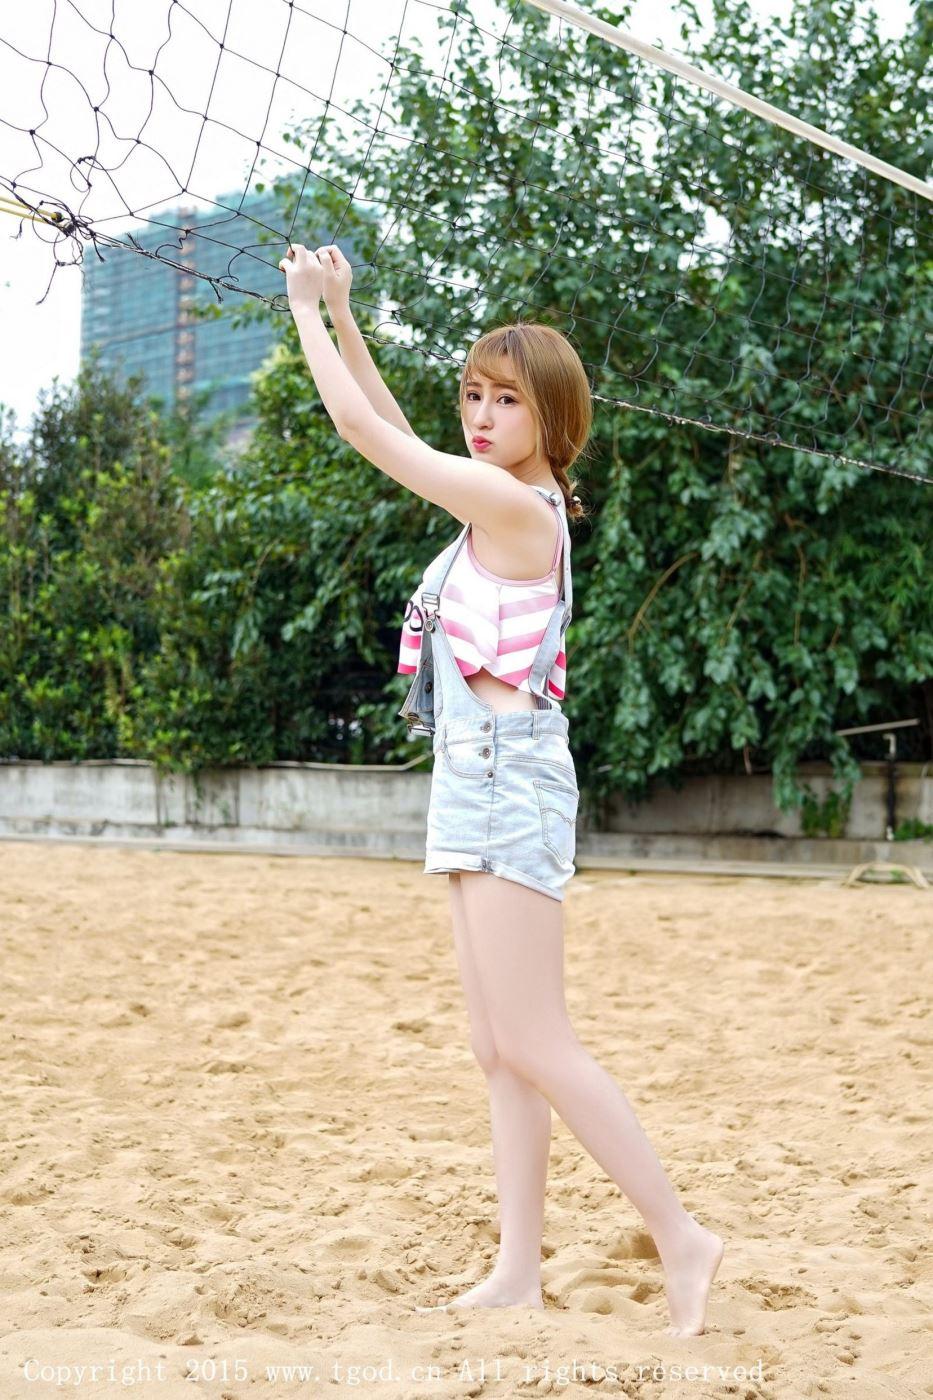 推女神清纯可爱美女模特陈雨涵普吉岛环球旅拍写真图片